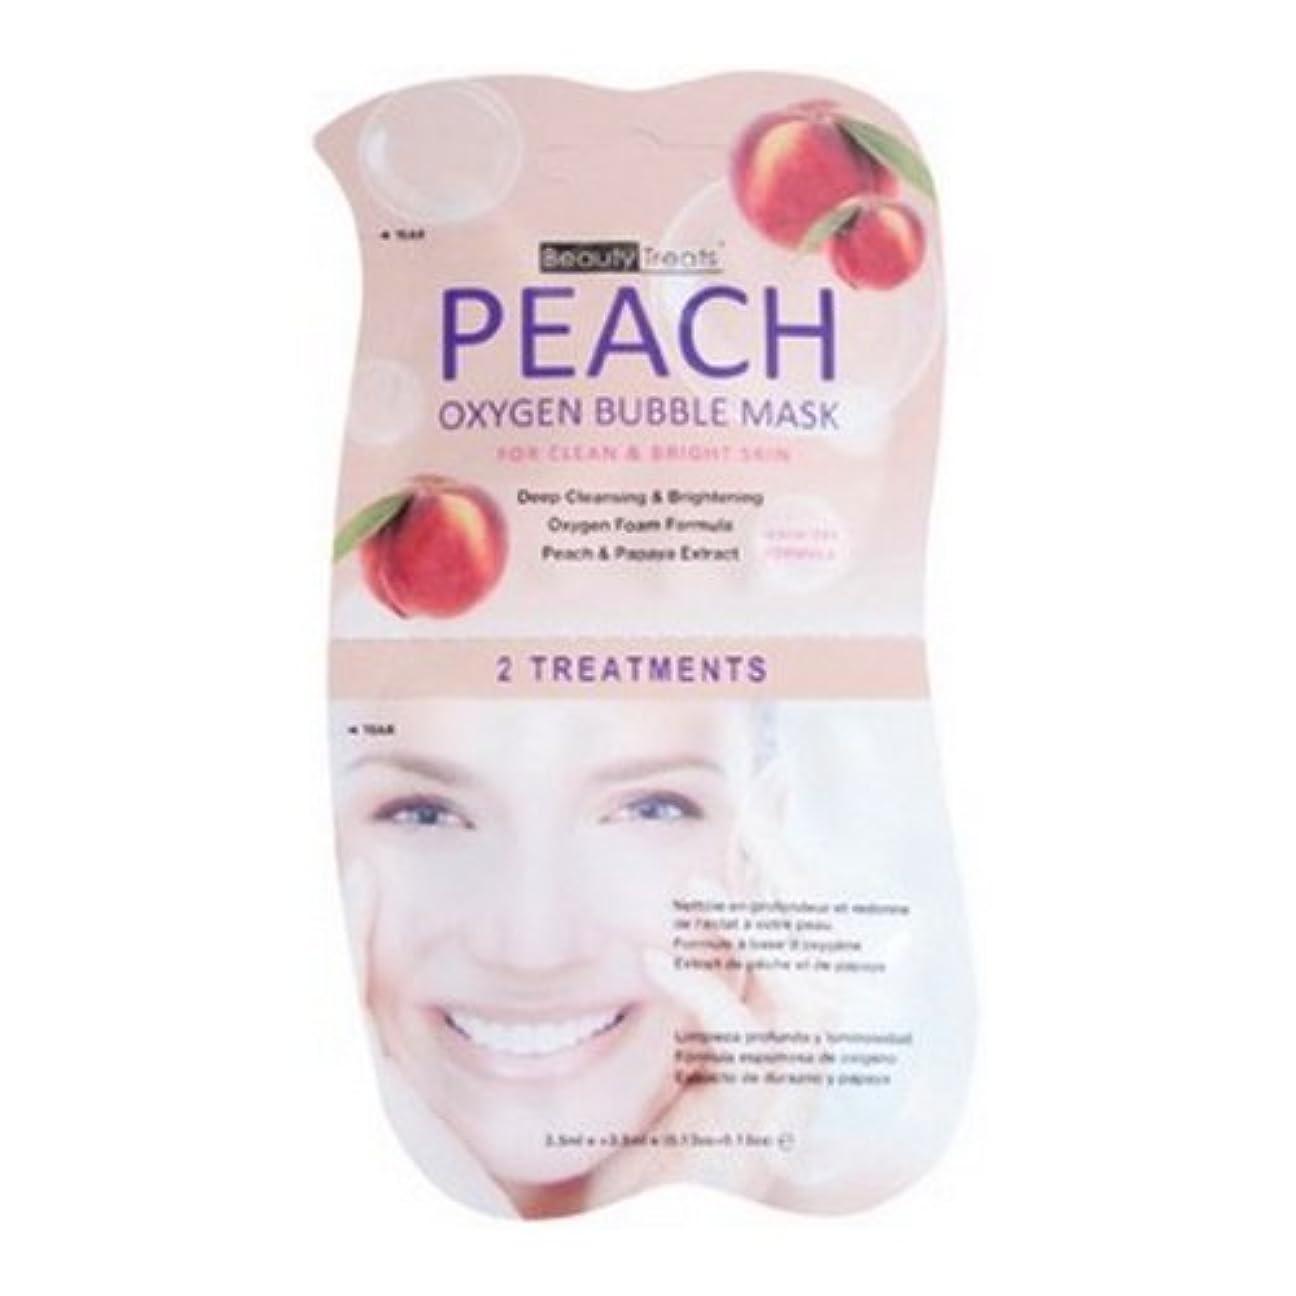 霜航海ケニア(3 Pack) BEAUTY TREATS Peach Oxygen Bubble Mask - Peach (並行輸入品)